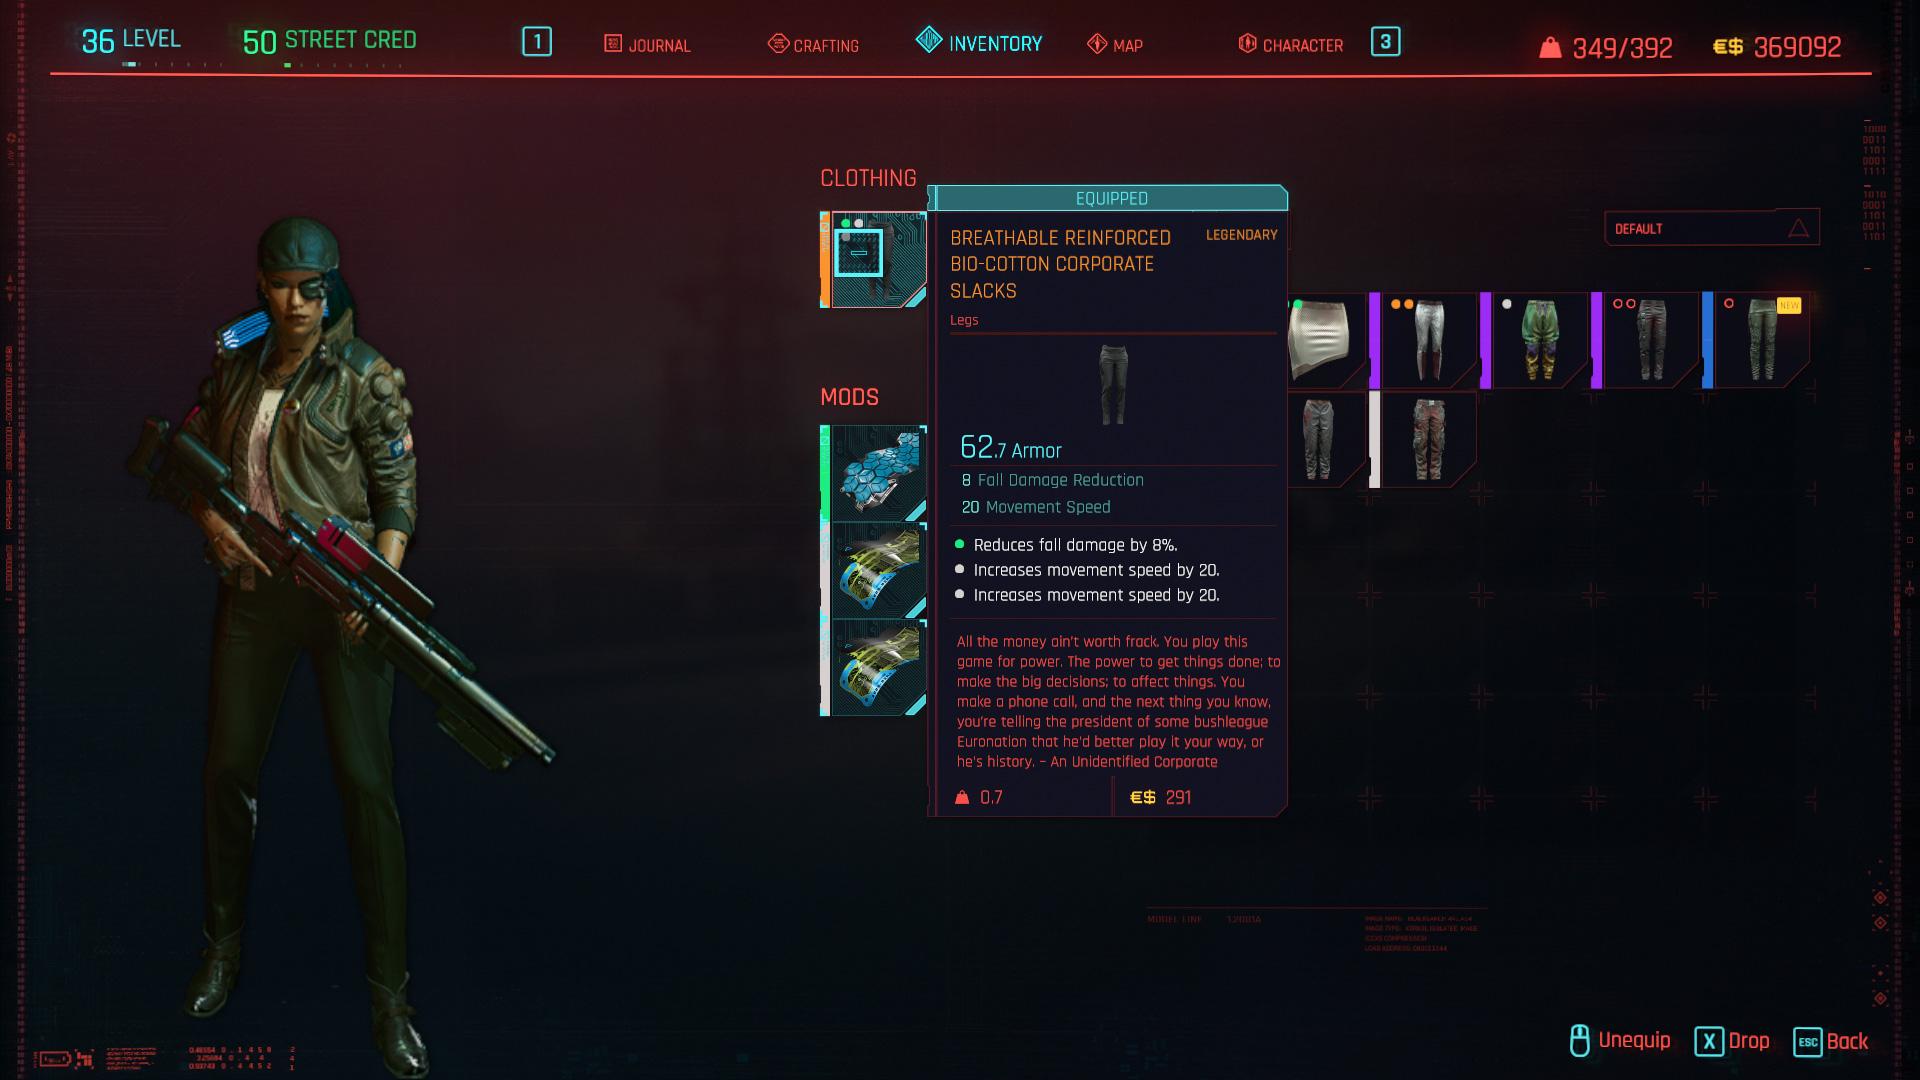 Tous les vêtements légendaires et emblématiques de Cyberpunk 2077 - Pantalon d'entreprise respirant en bio-coton renforcé